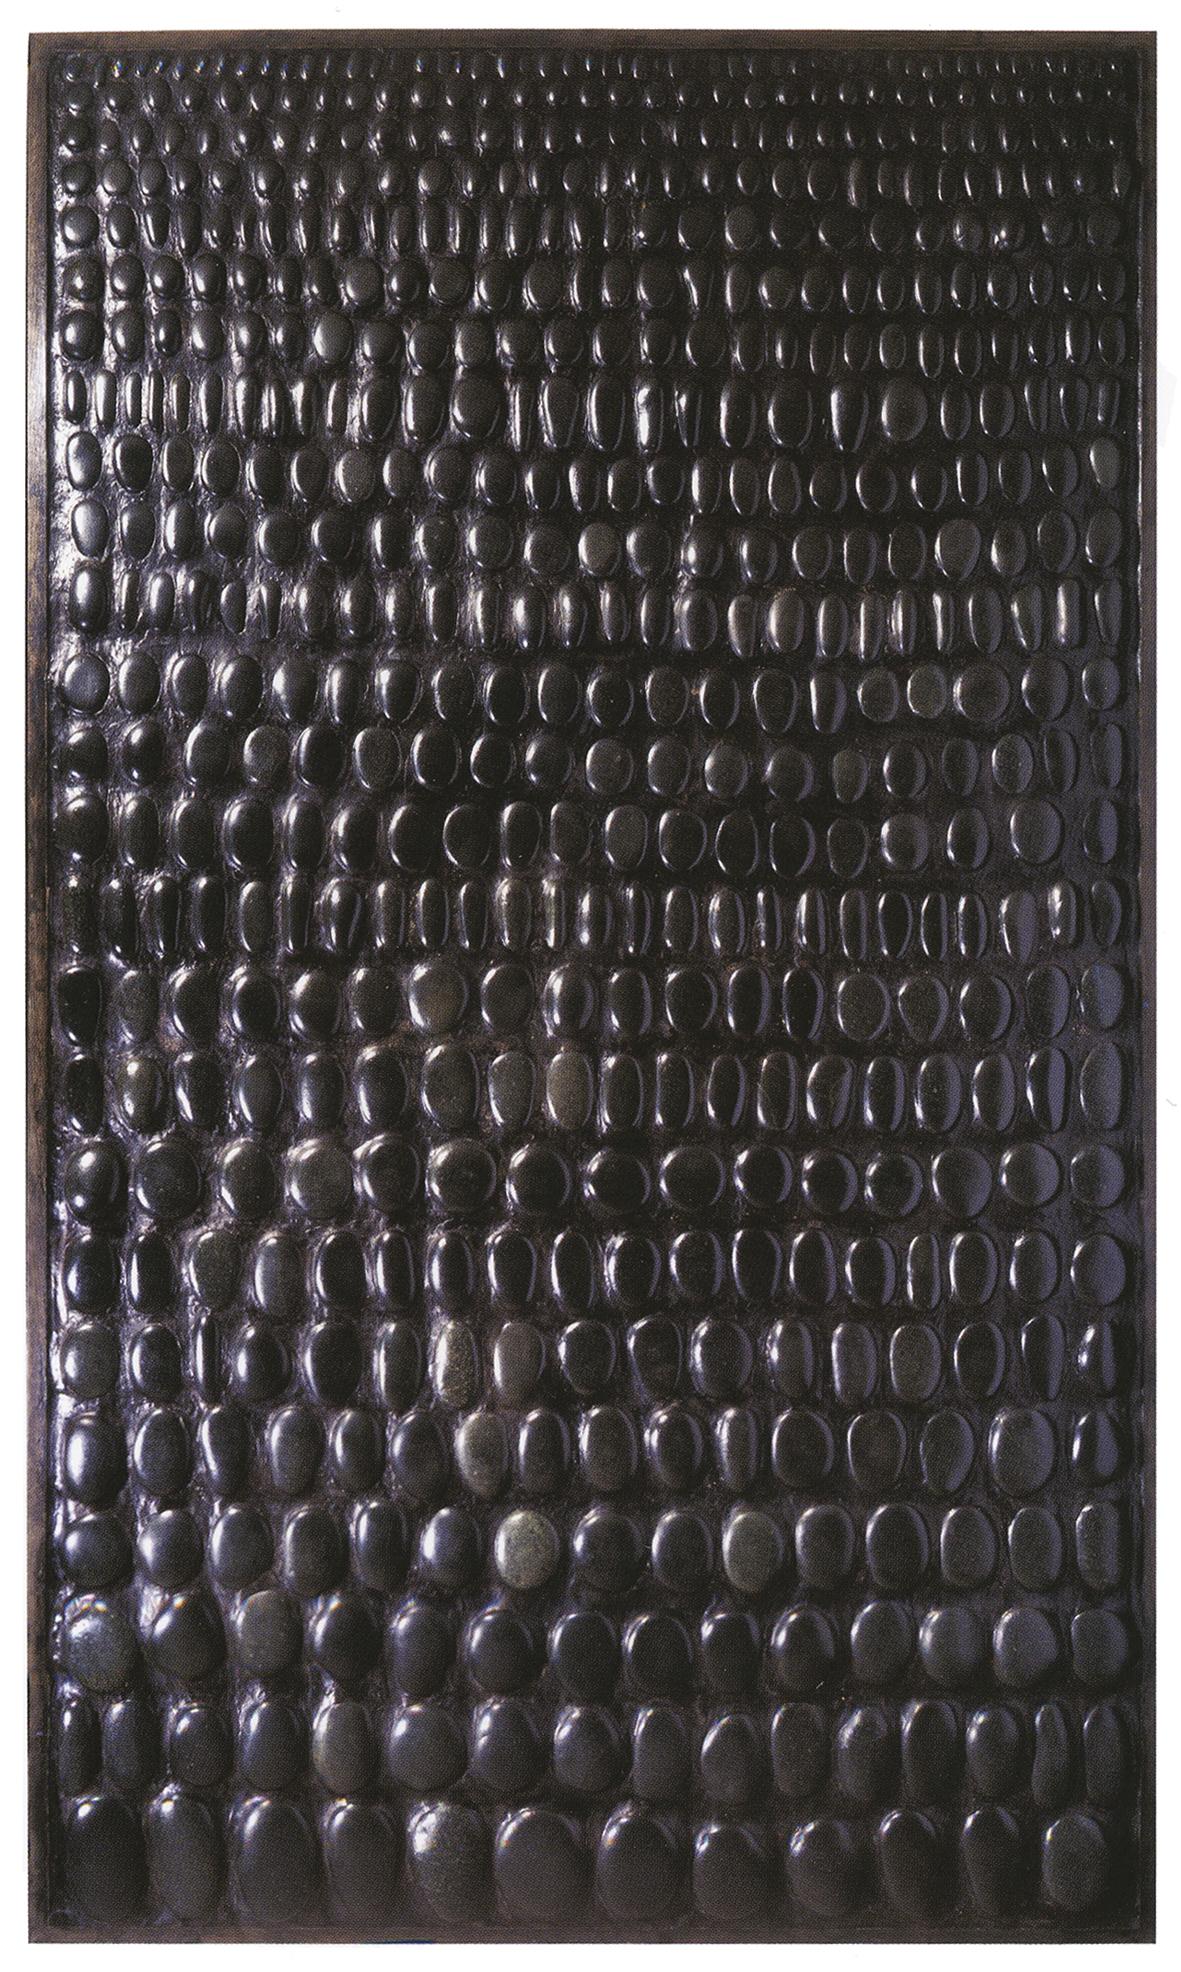 Shangaï  H 205 - L 100 cm Cadre de chêne, ciment teinté ciré